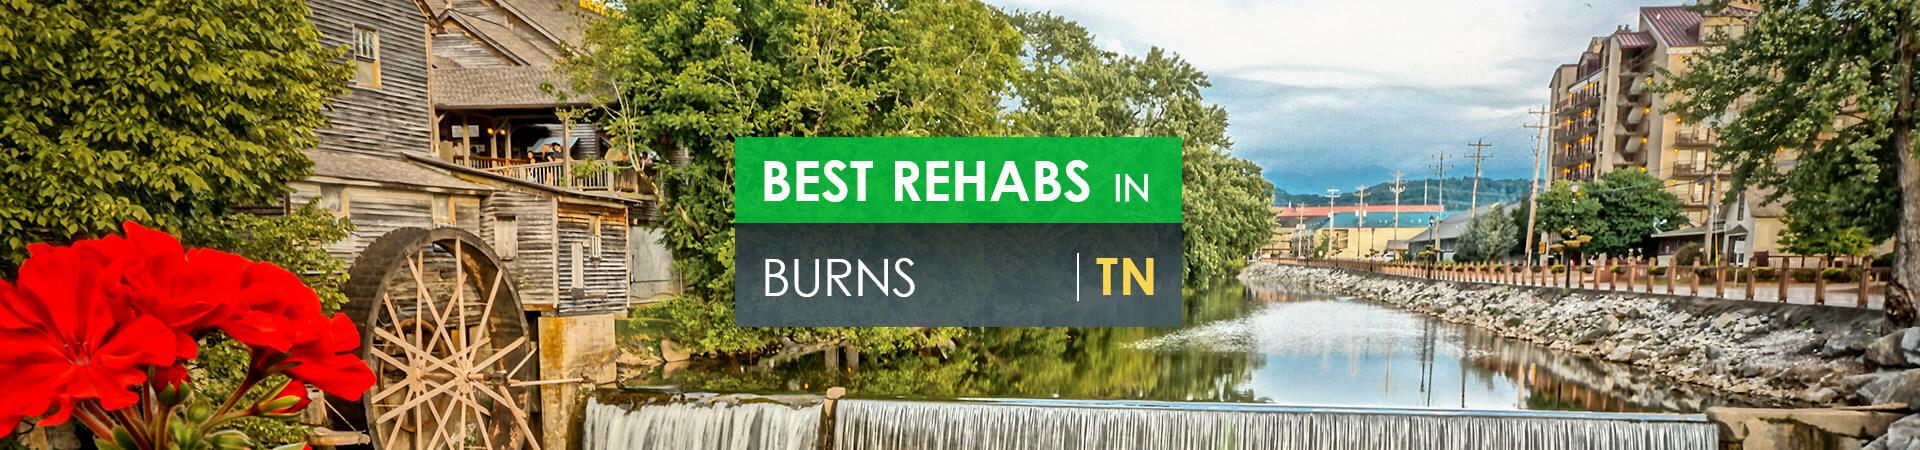 Best rehabs in Burns, TN